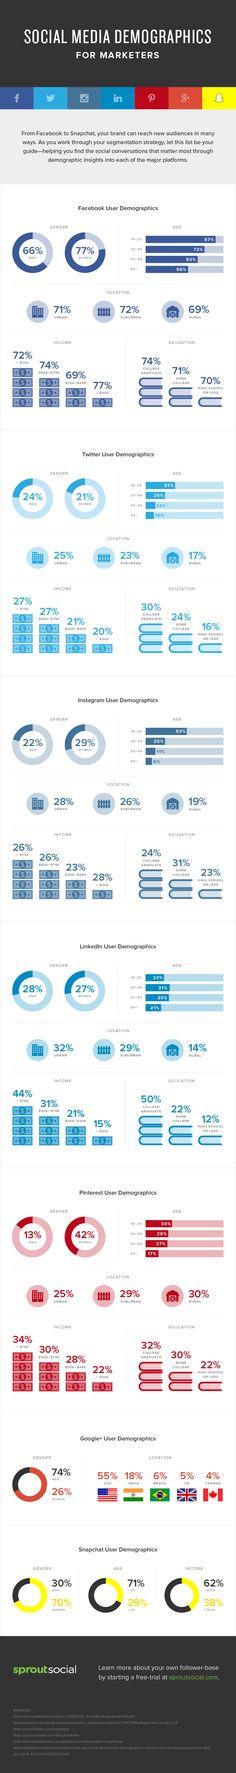 Facebook, Twitter, GooglePlus, Instagram, LinkedIn, Pinterest and Snapchat…